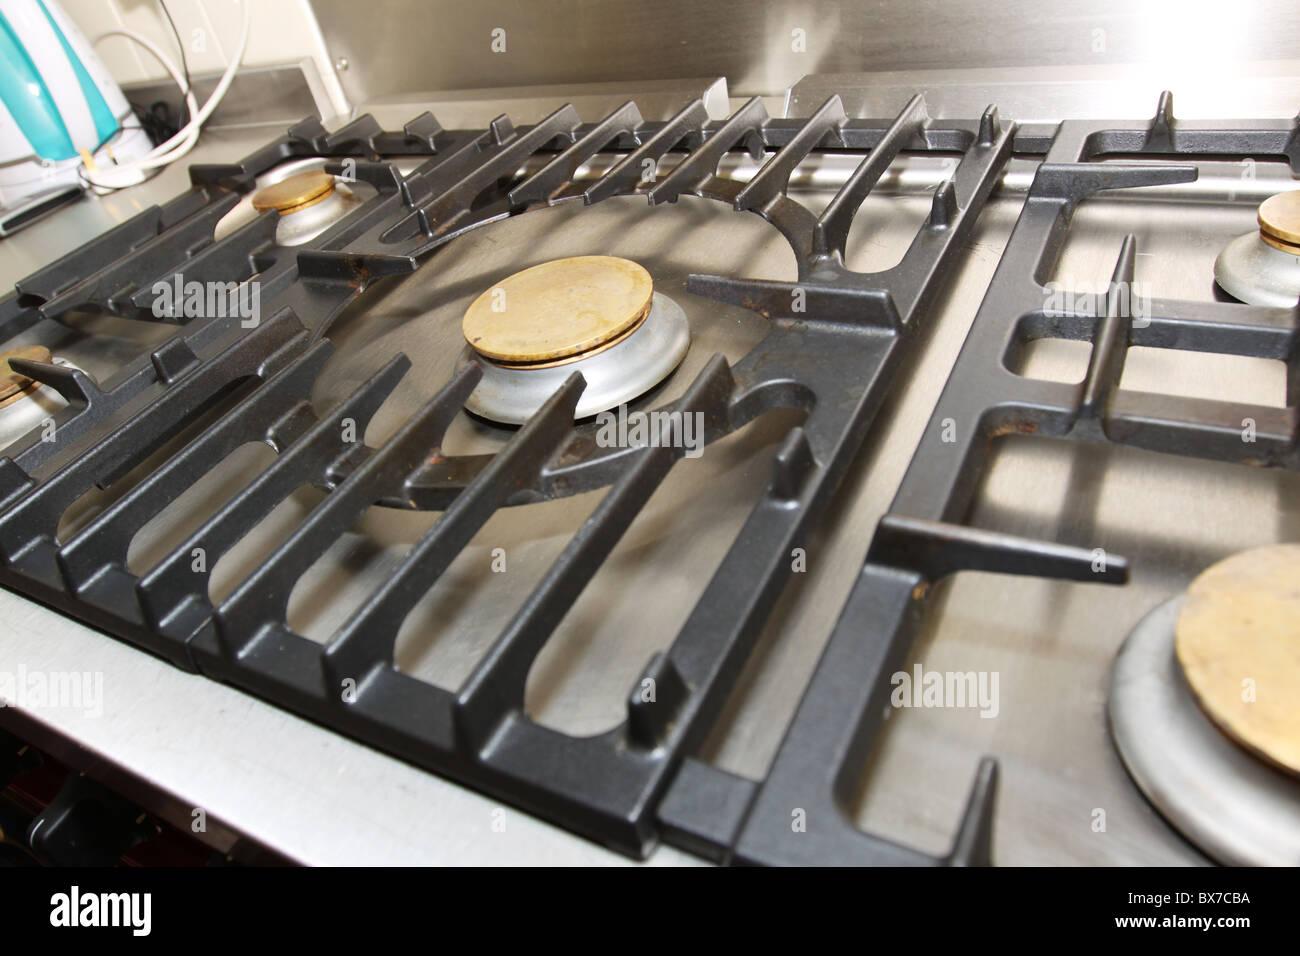 Profi-Küche Herd Gasherd Stockfoto, Bild: 33354814 - Alamy